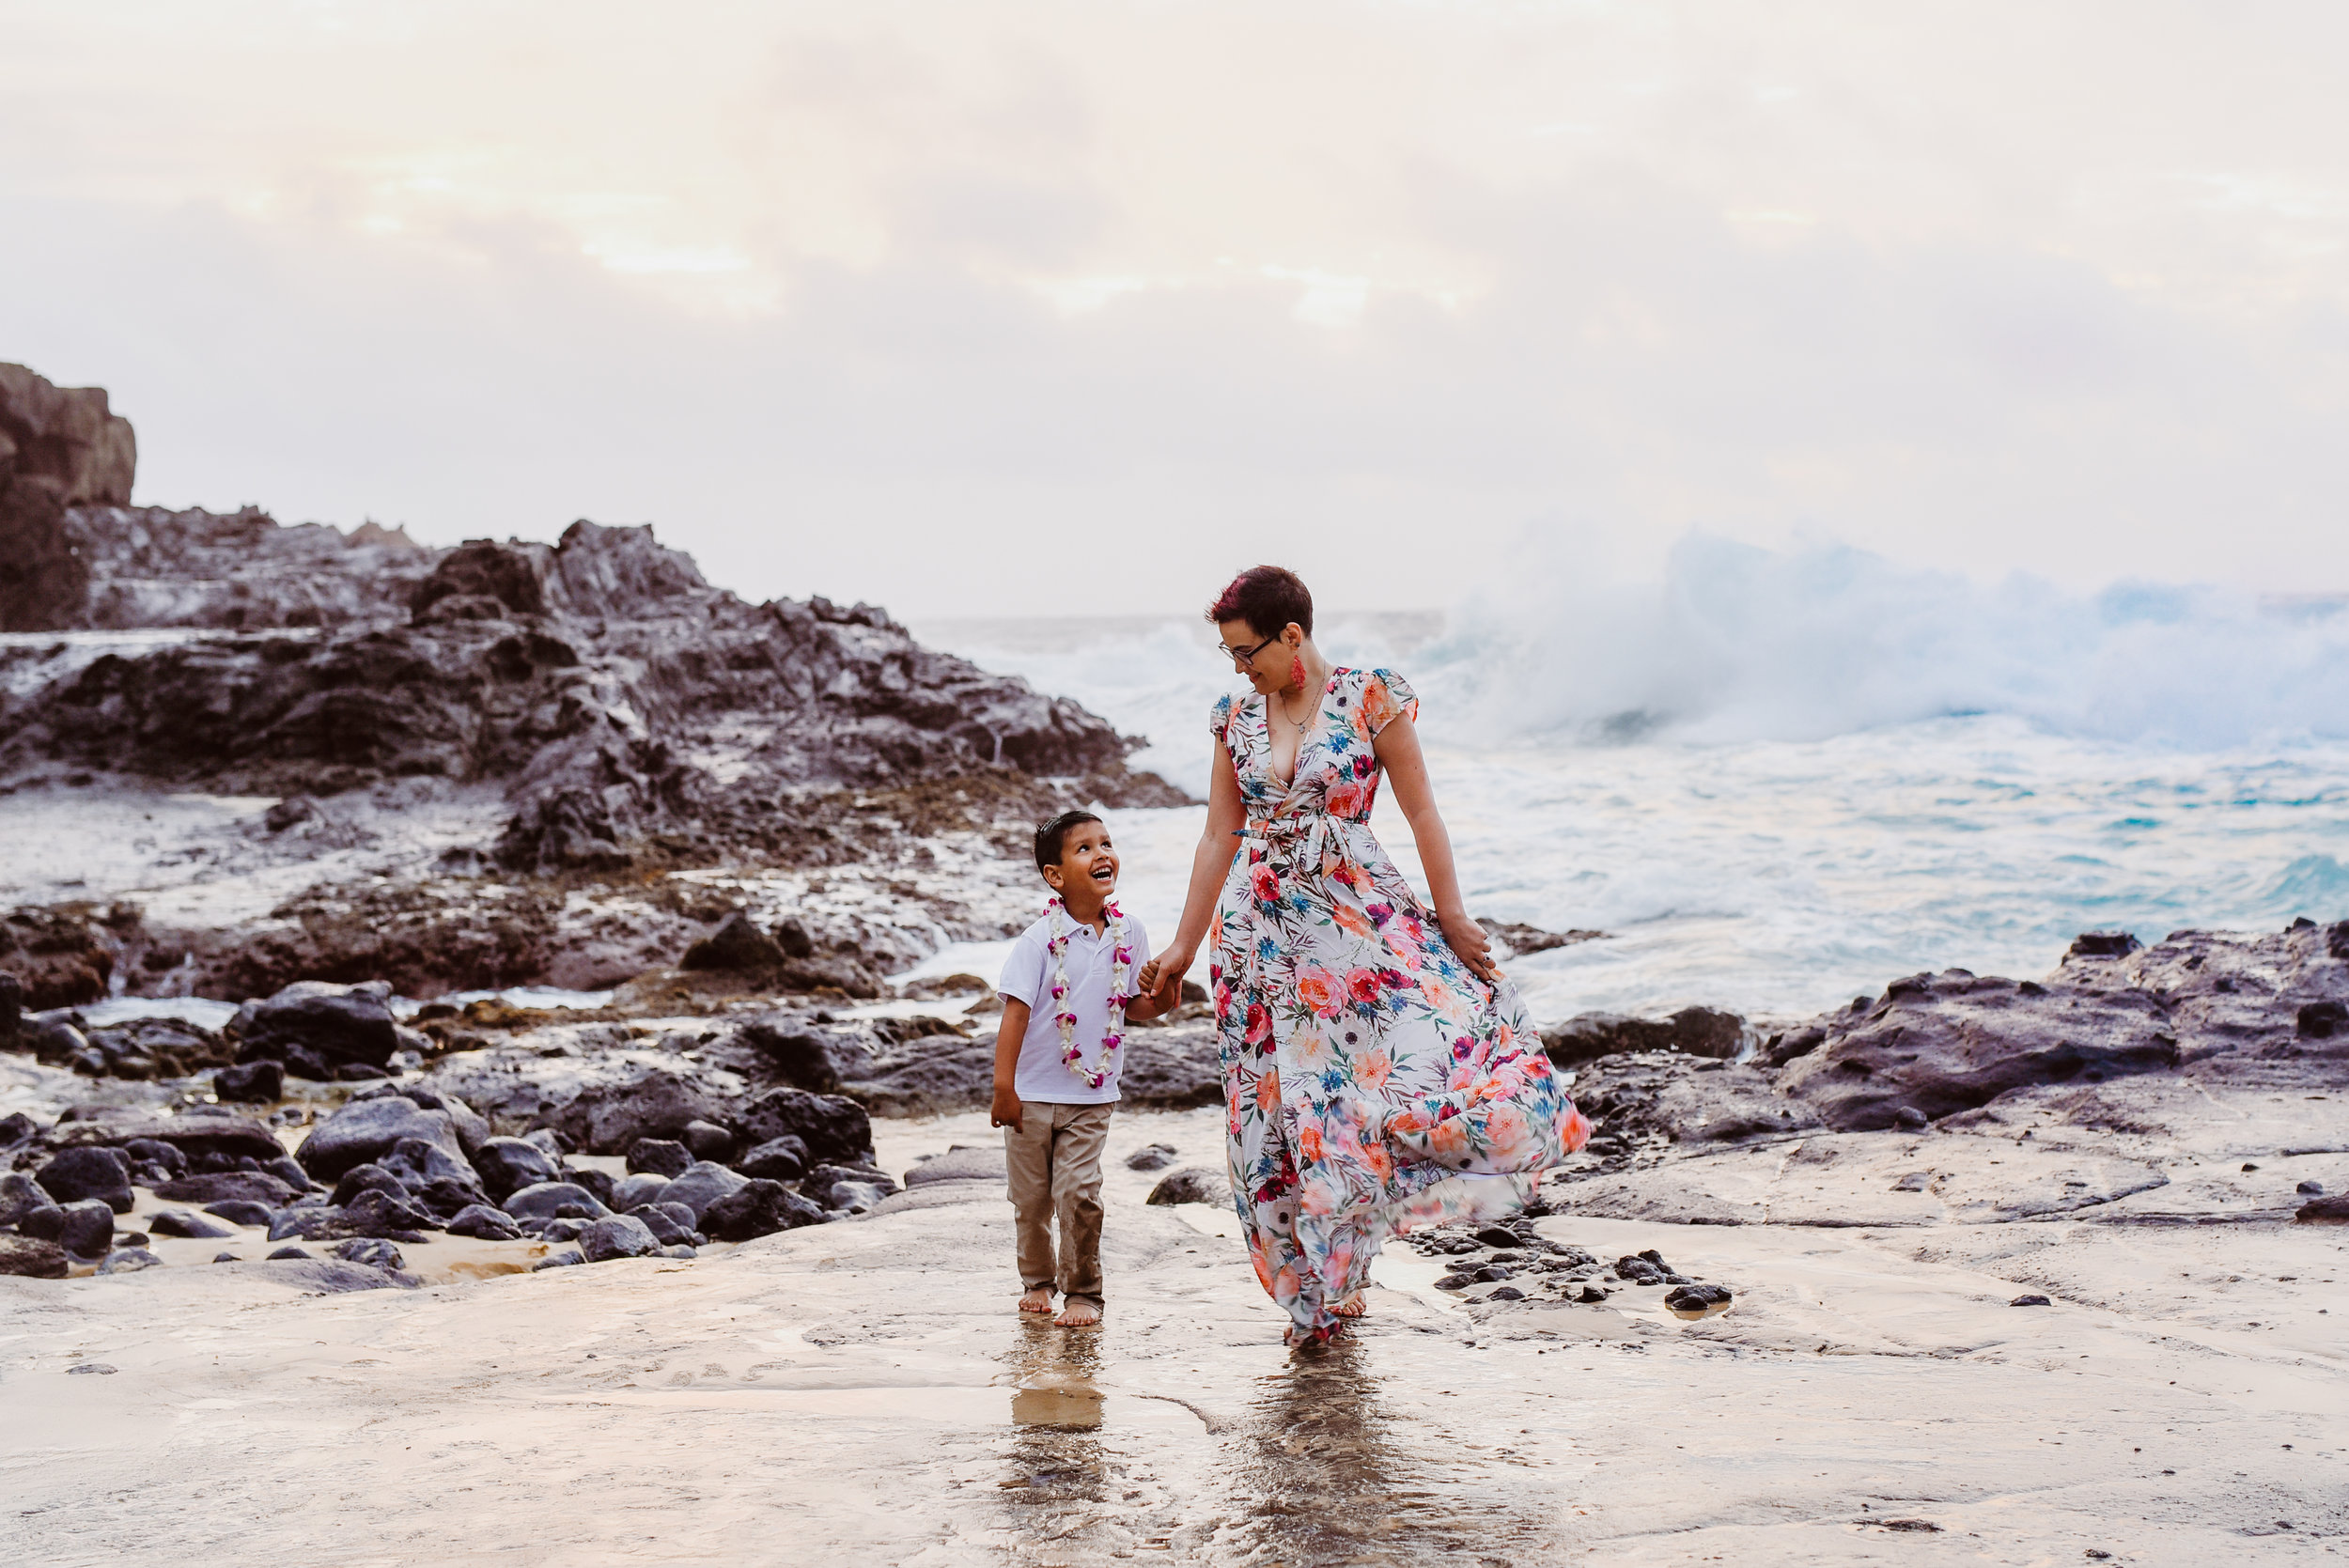 Ember and Graeme in Honolulu